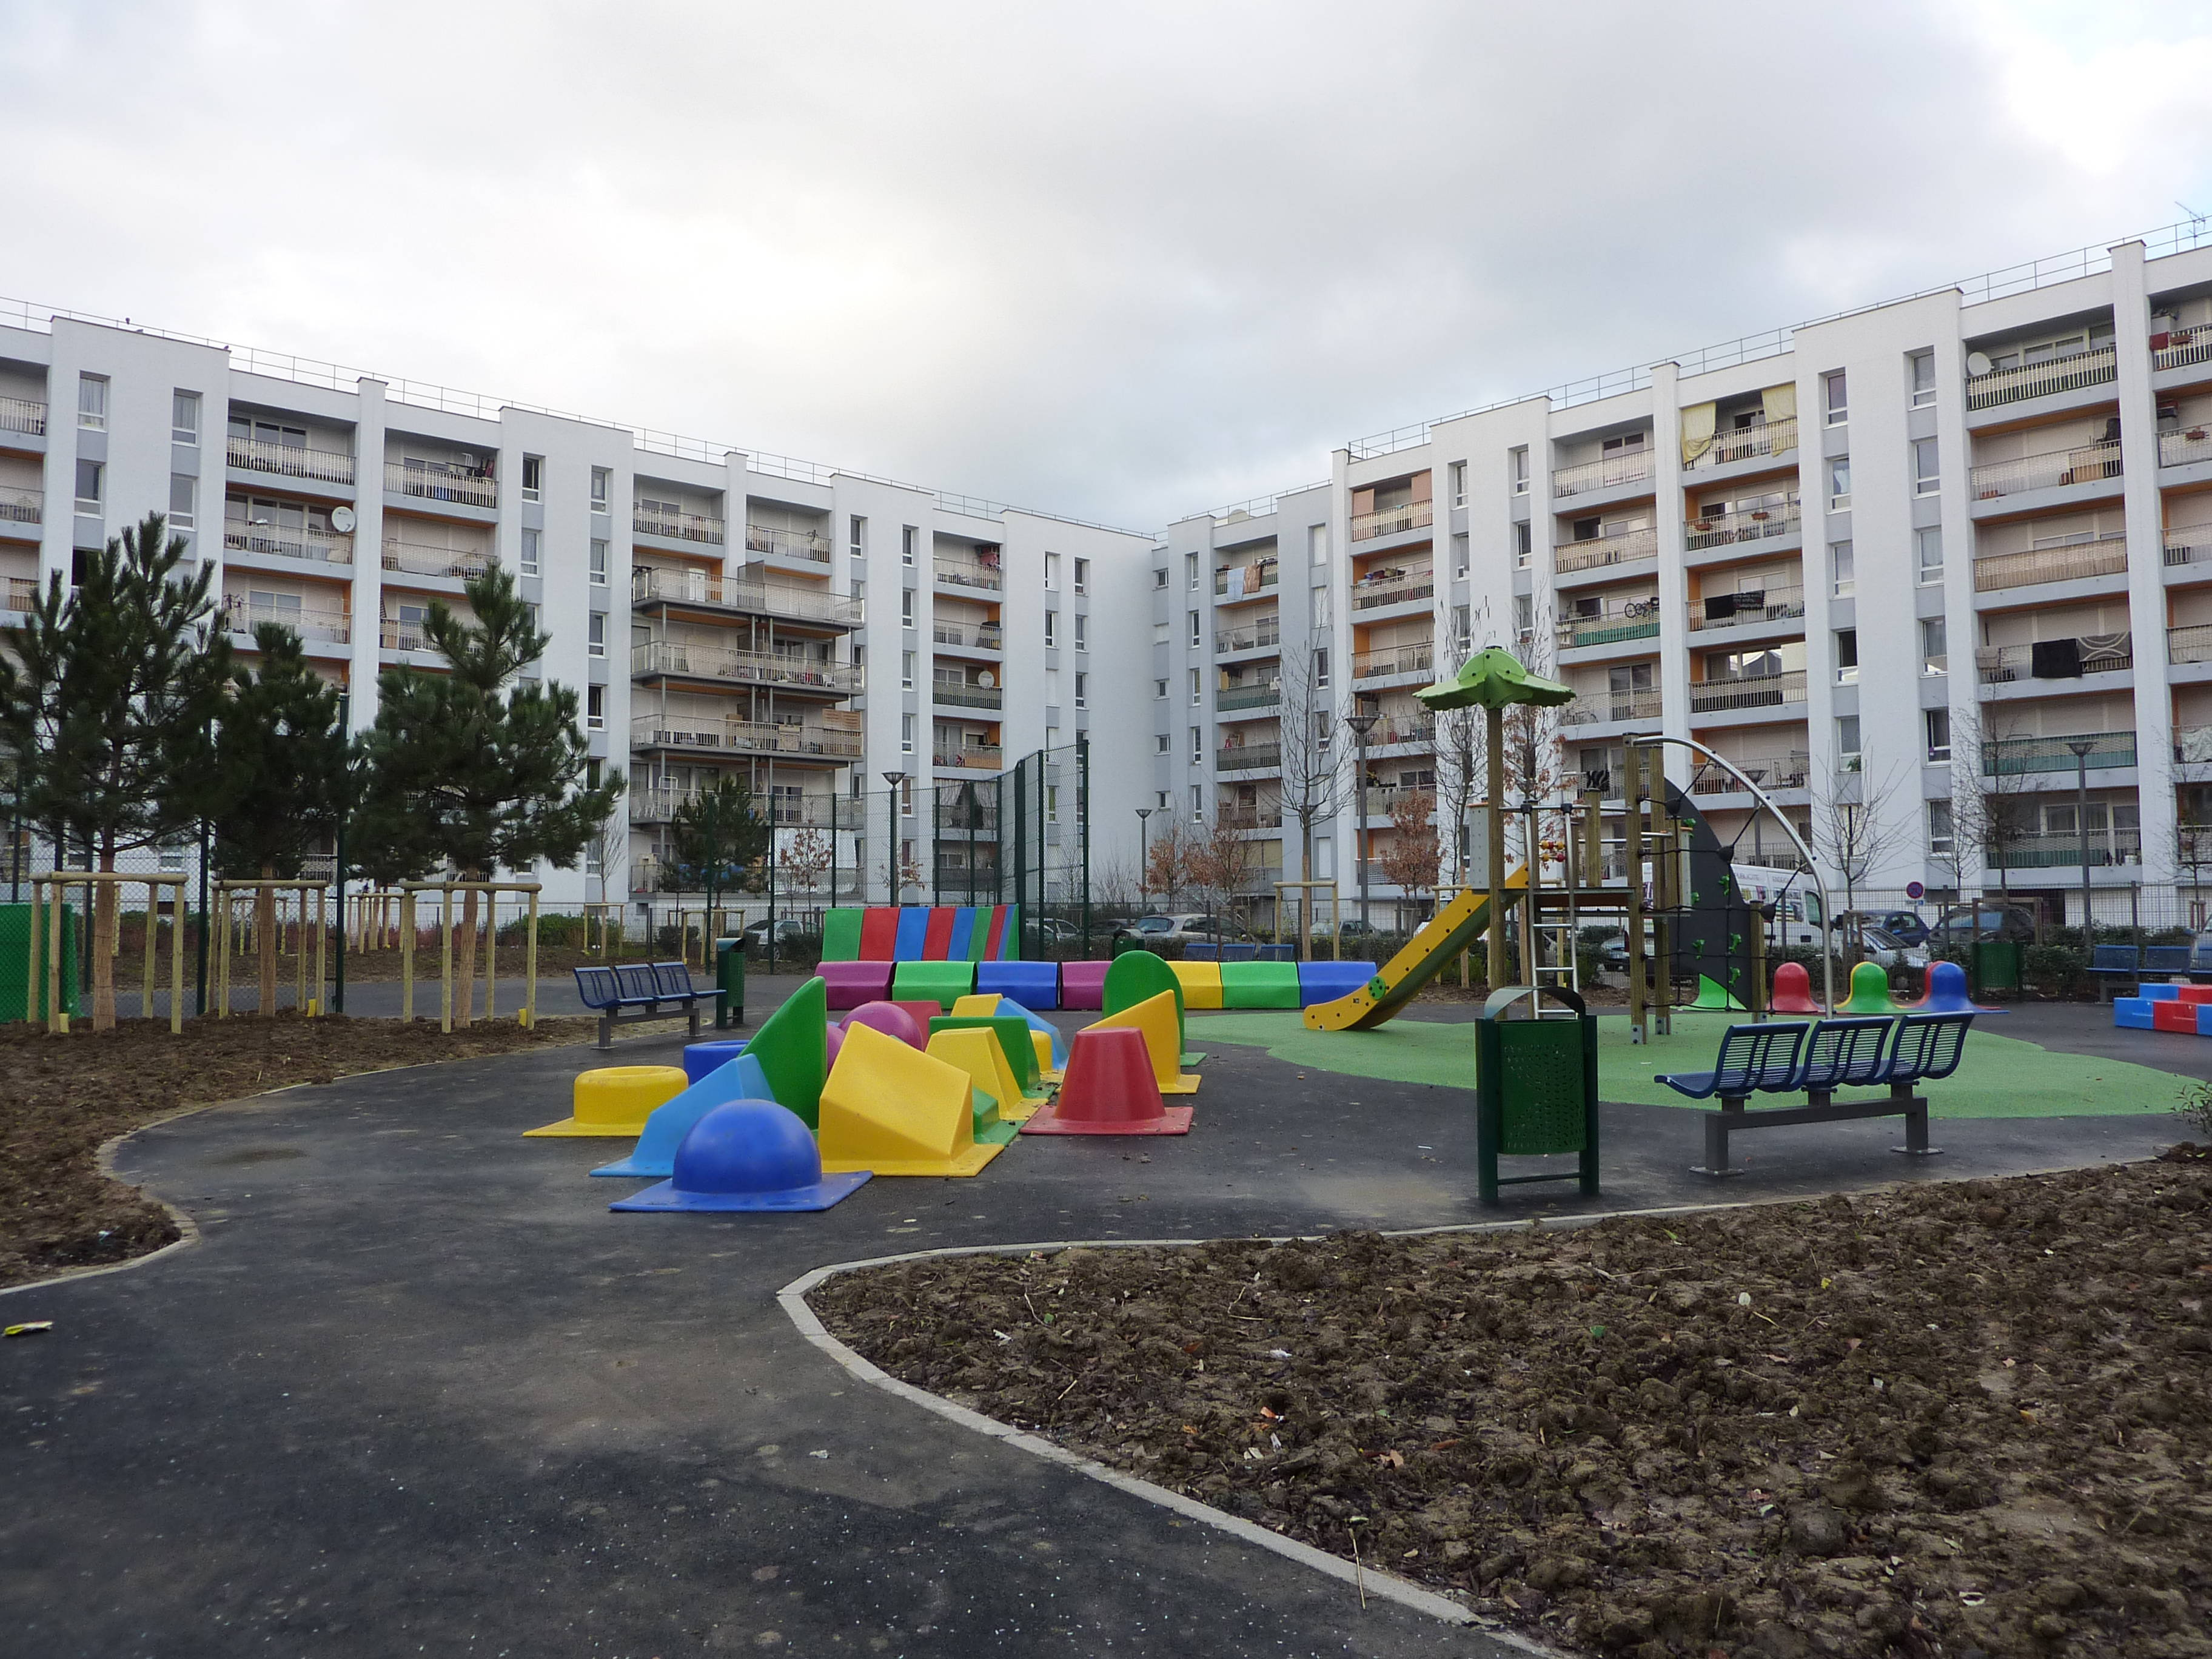 Le square Marco Polo s u2019exhibe dans les 3000à Aulnay sous Bois Aulnaycap # Permis Malin Aulnay Sous Bois